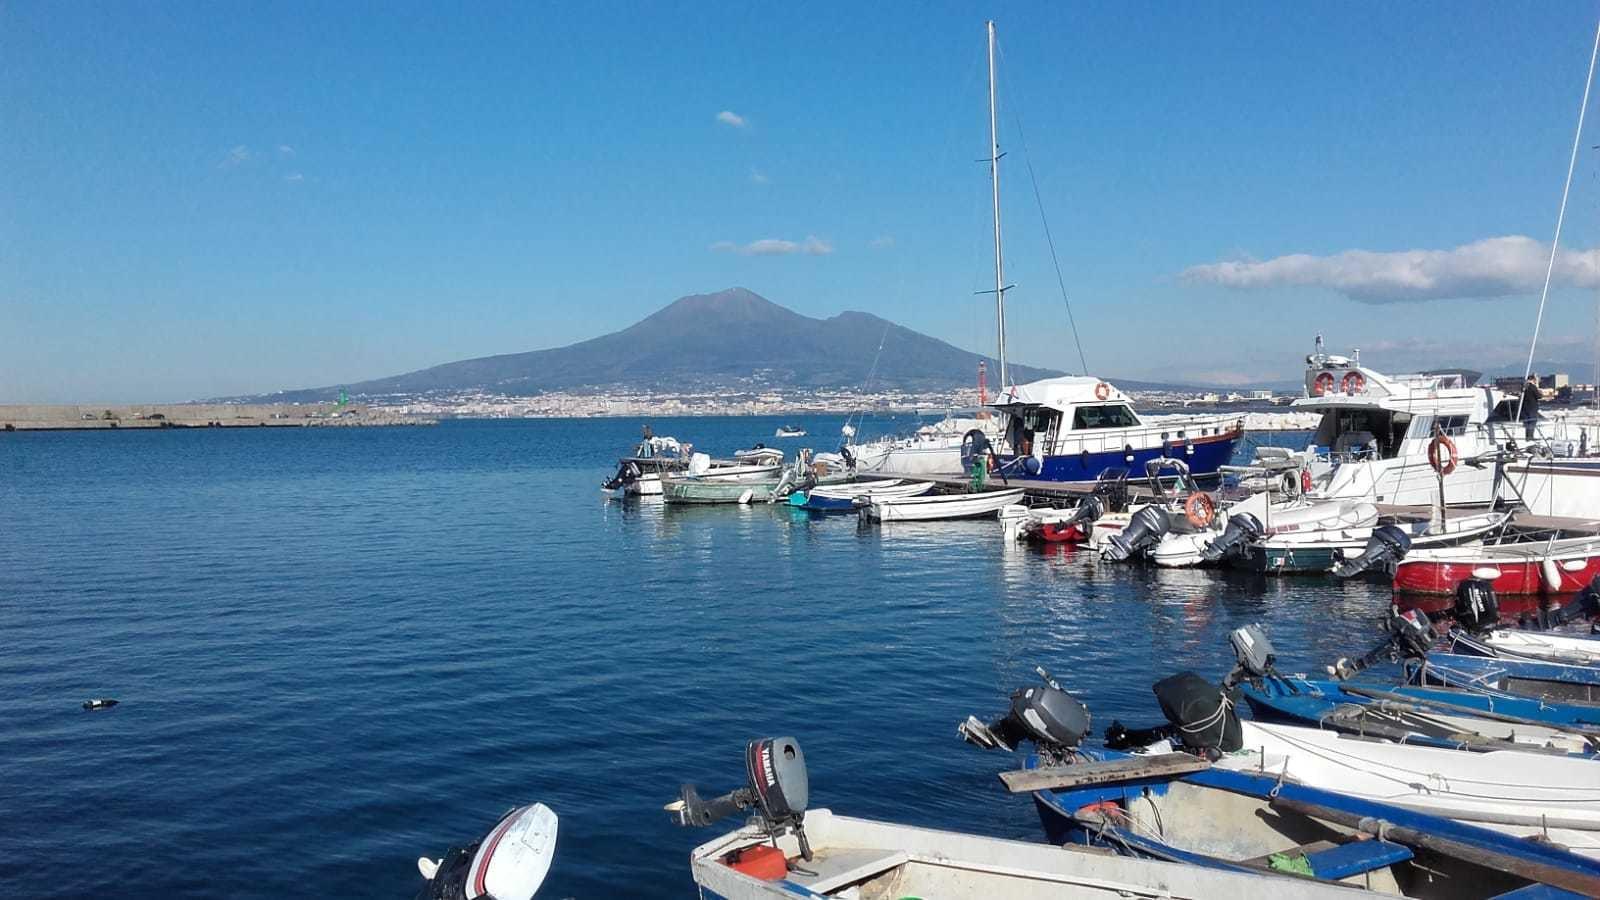 Cucine Usate Campania Napoli le migliori 30 imprese di sgombero a torre del greco (con